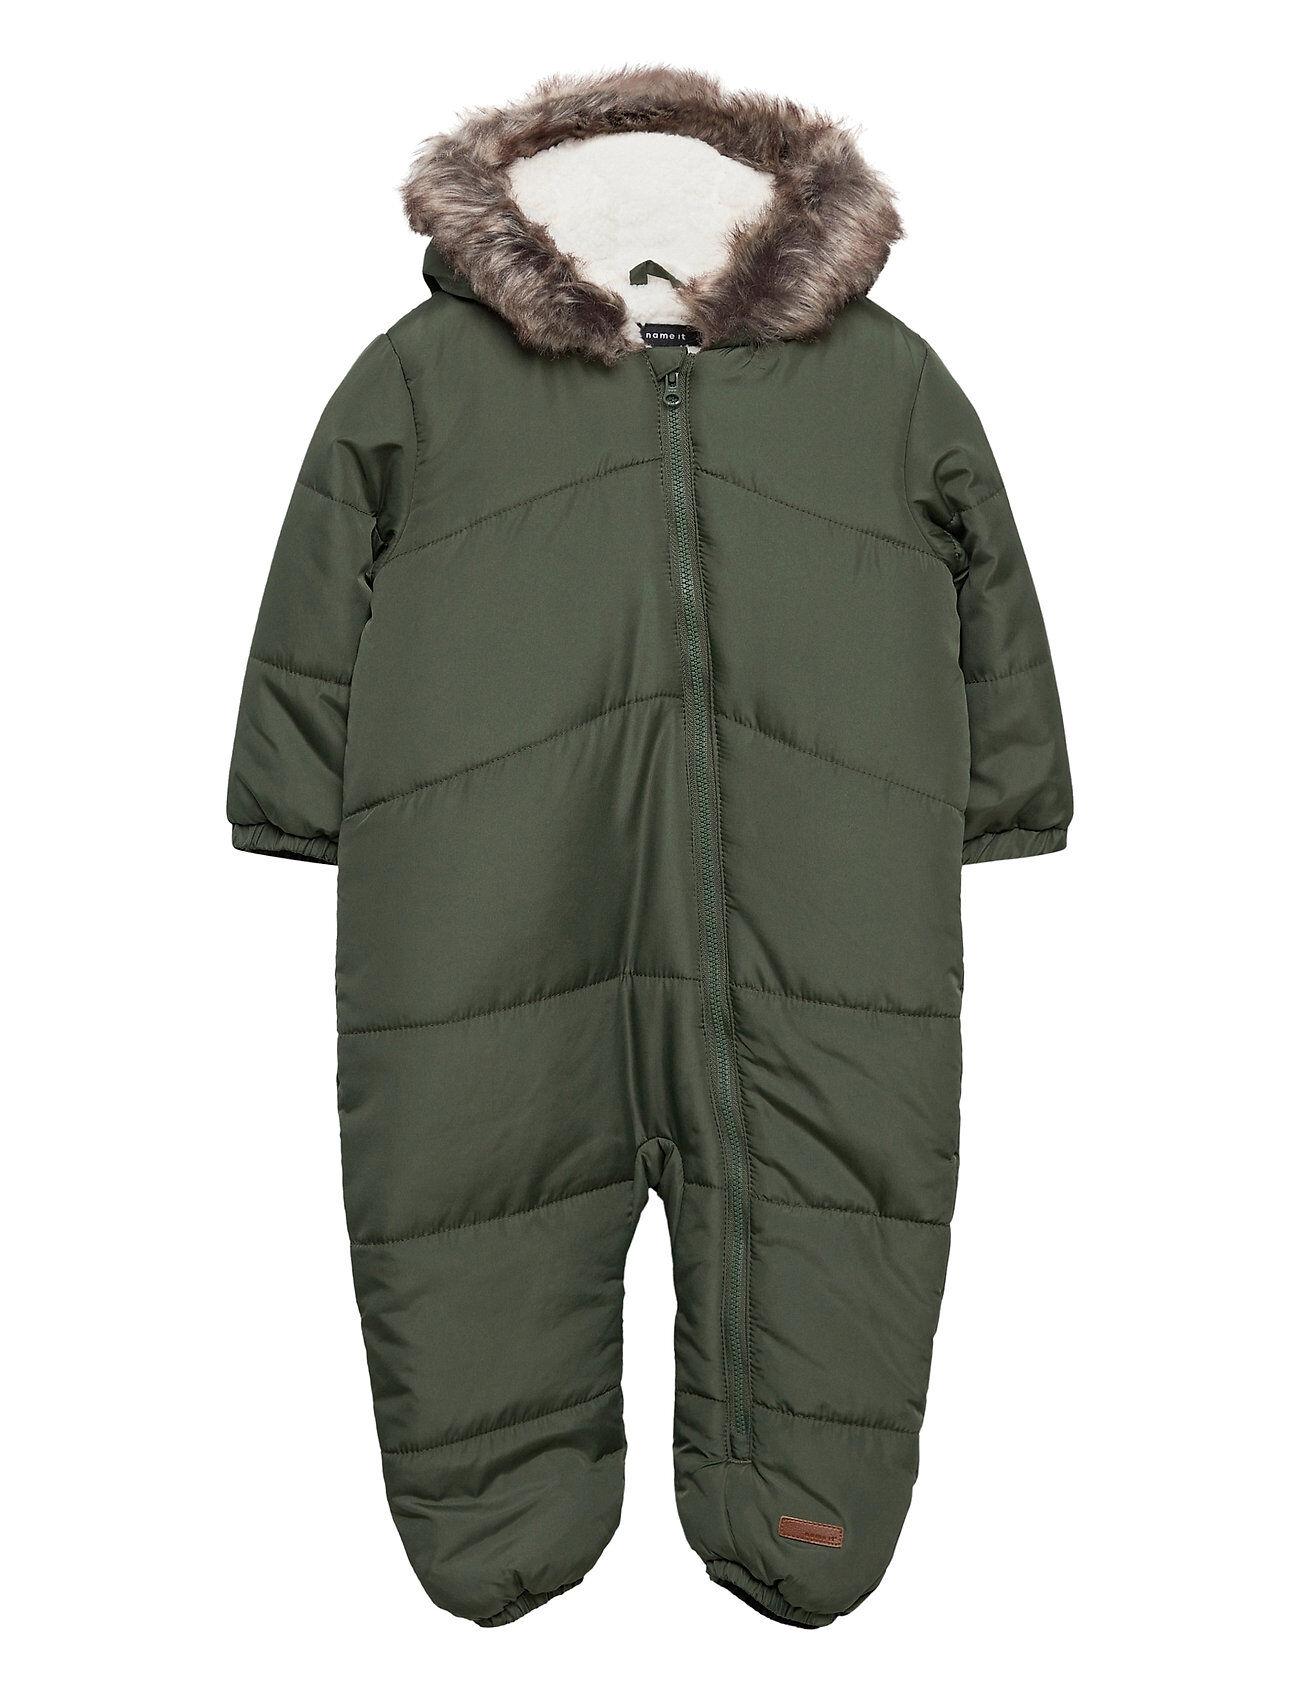 name it Nbmmagnus Suit Outerwear Snow/ski Clothing Snow/ski Suits & Sets Vihreä Name It